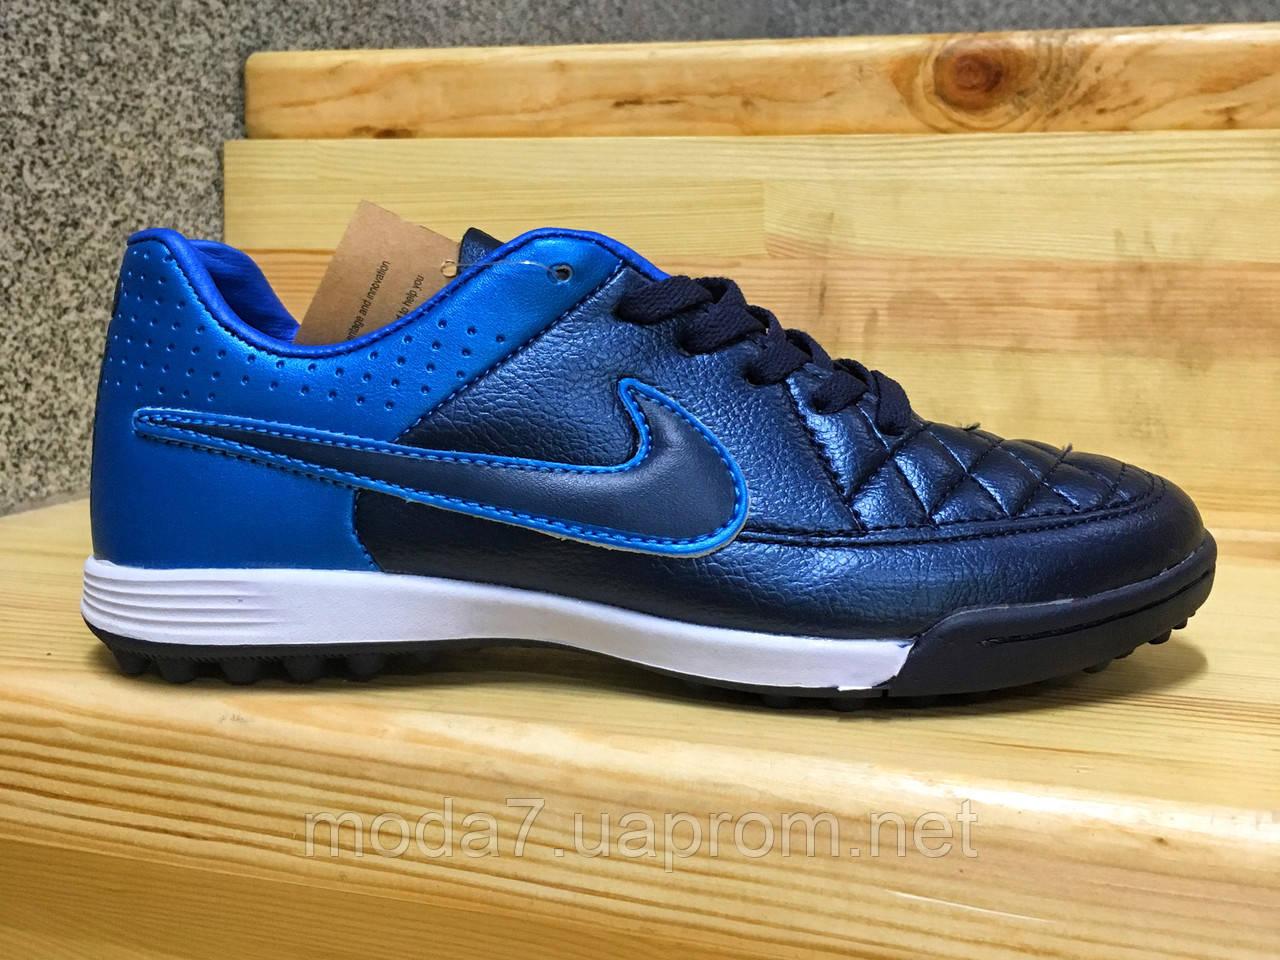 Мужские сороконожки - футзалки Nike Tiempo синие 40-45р реплика